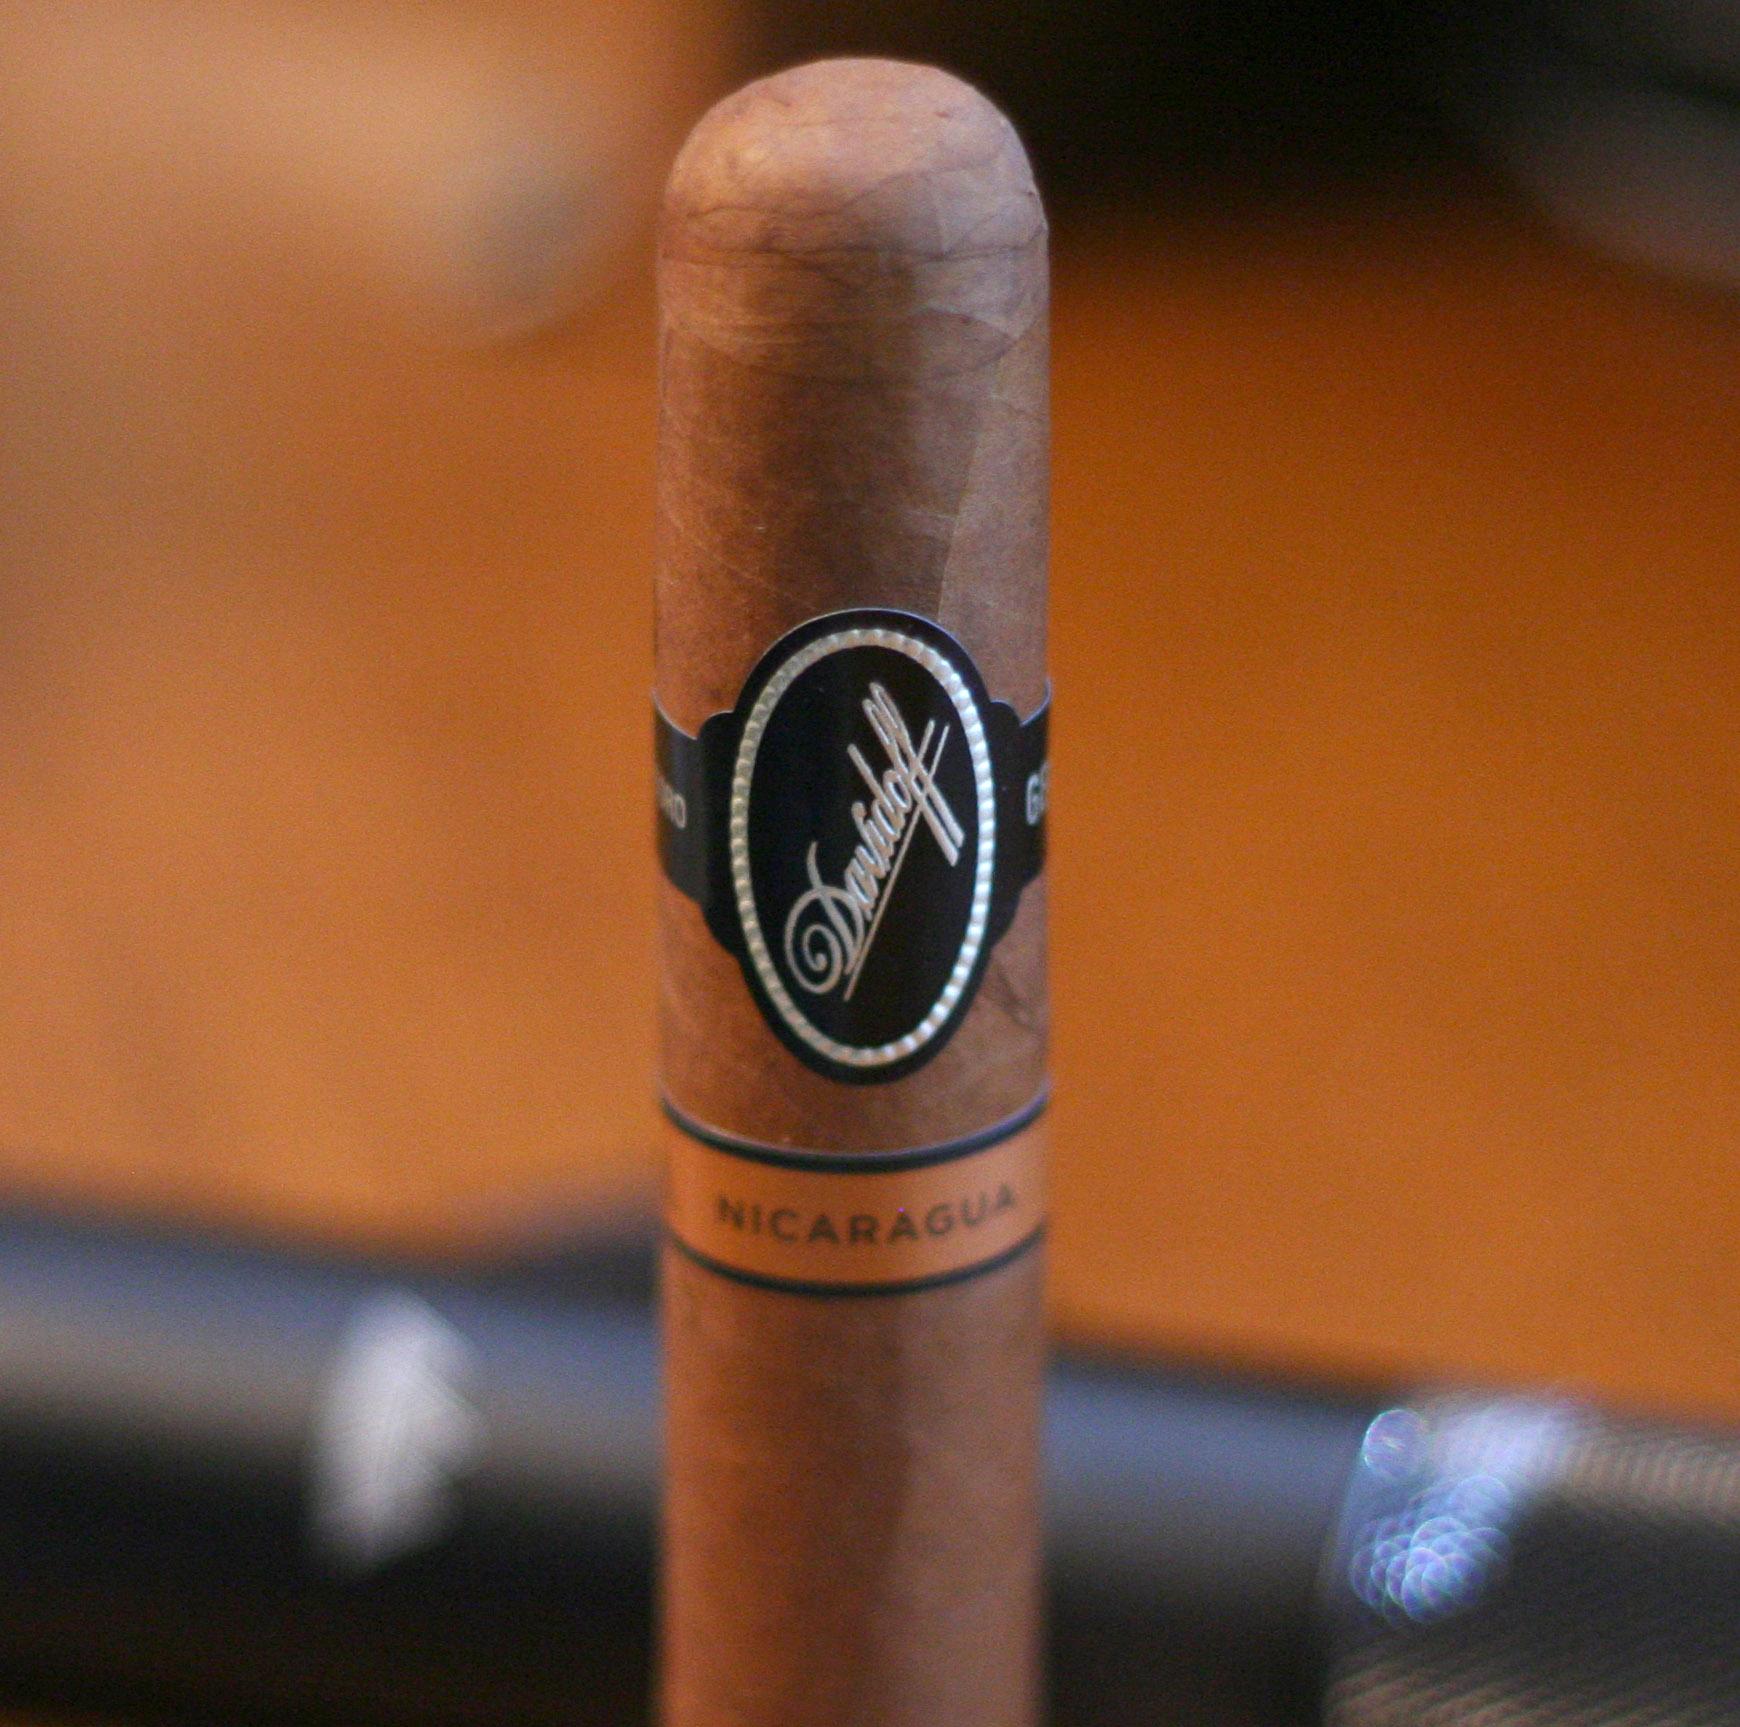 Cigar Review: Davidoff Nicaragua